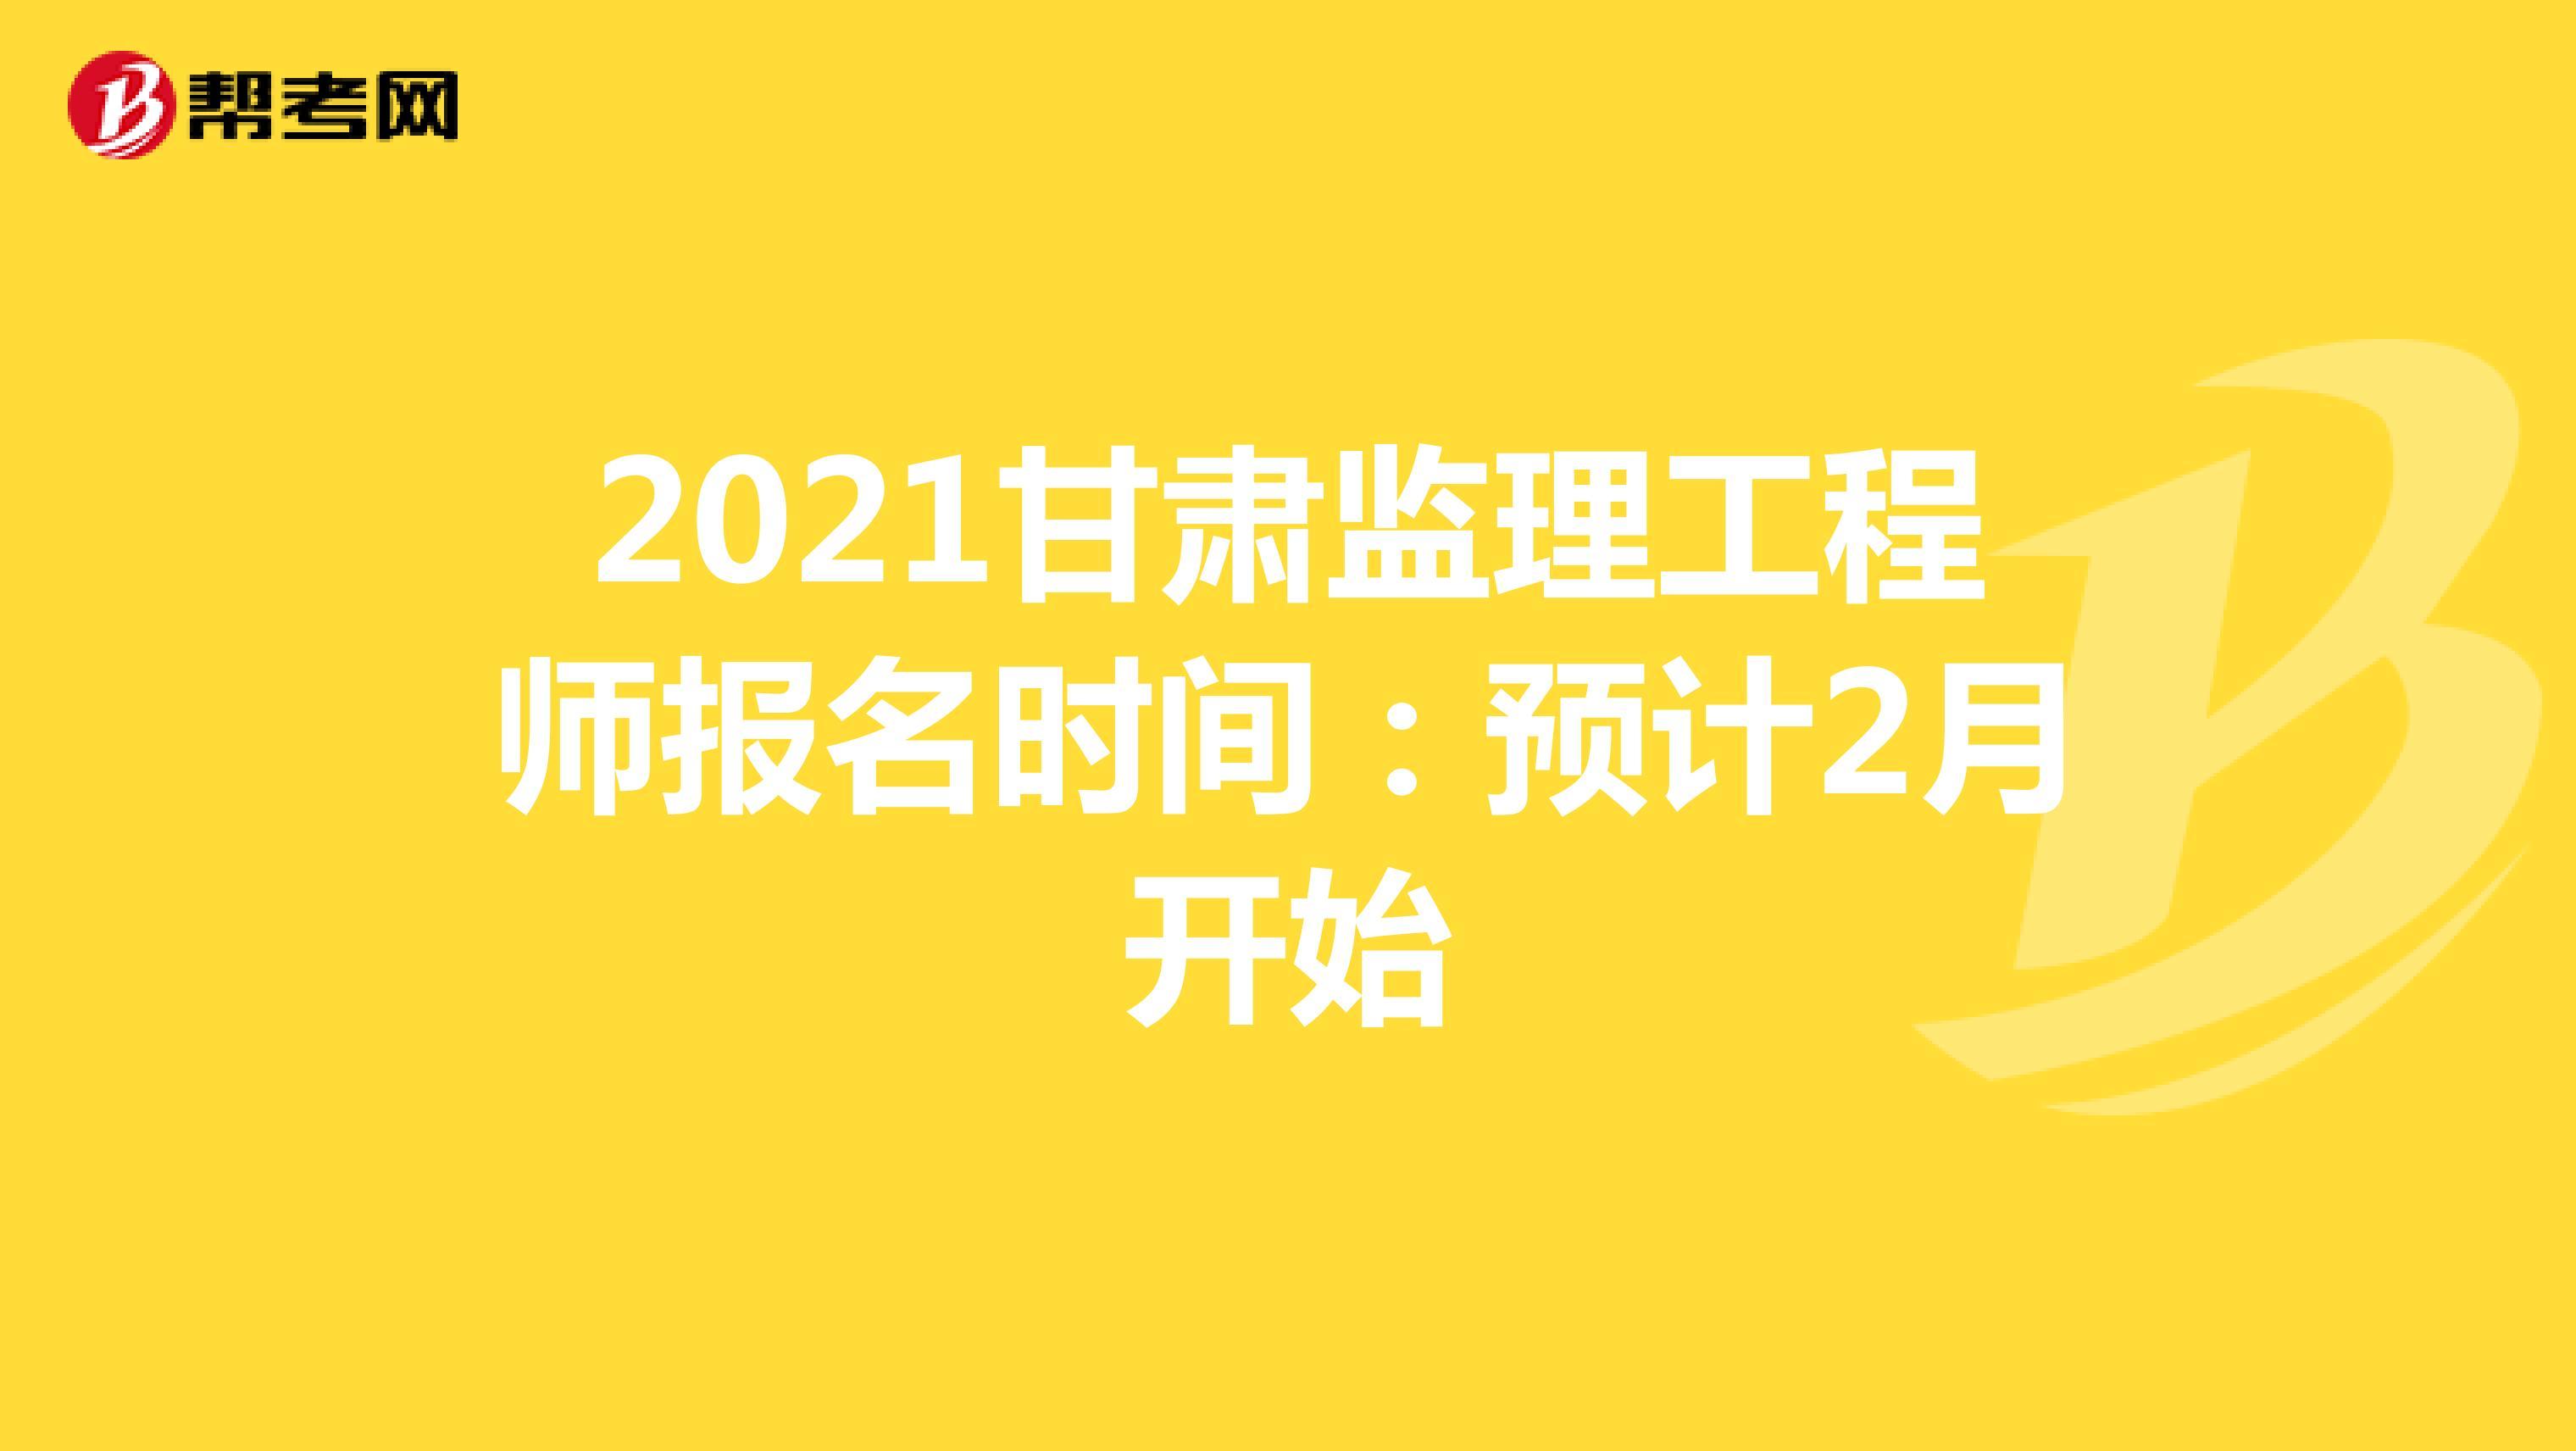 2021甘肃监理工程师报名时间:预计2月开始